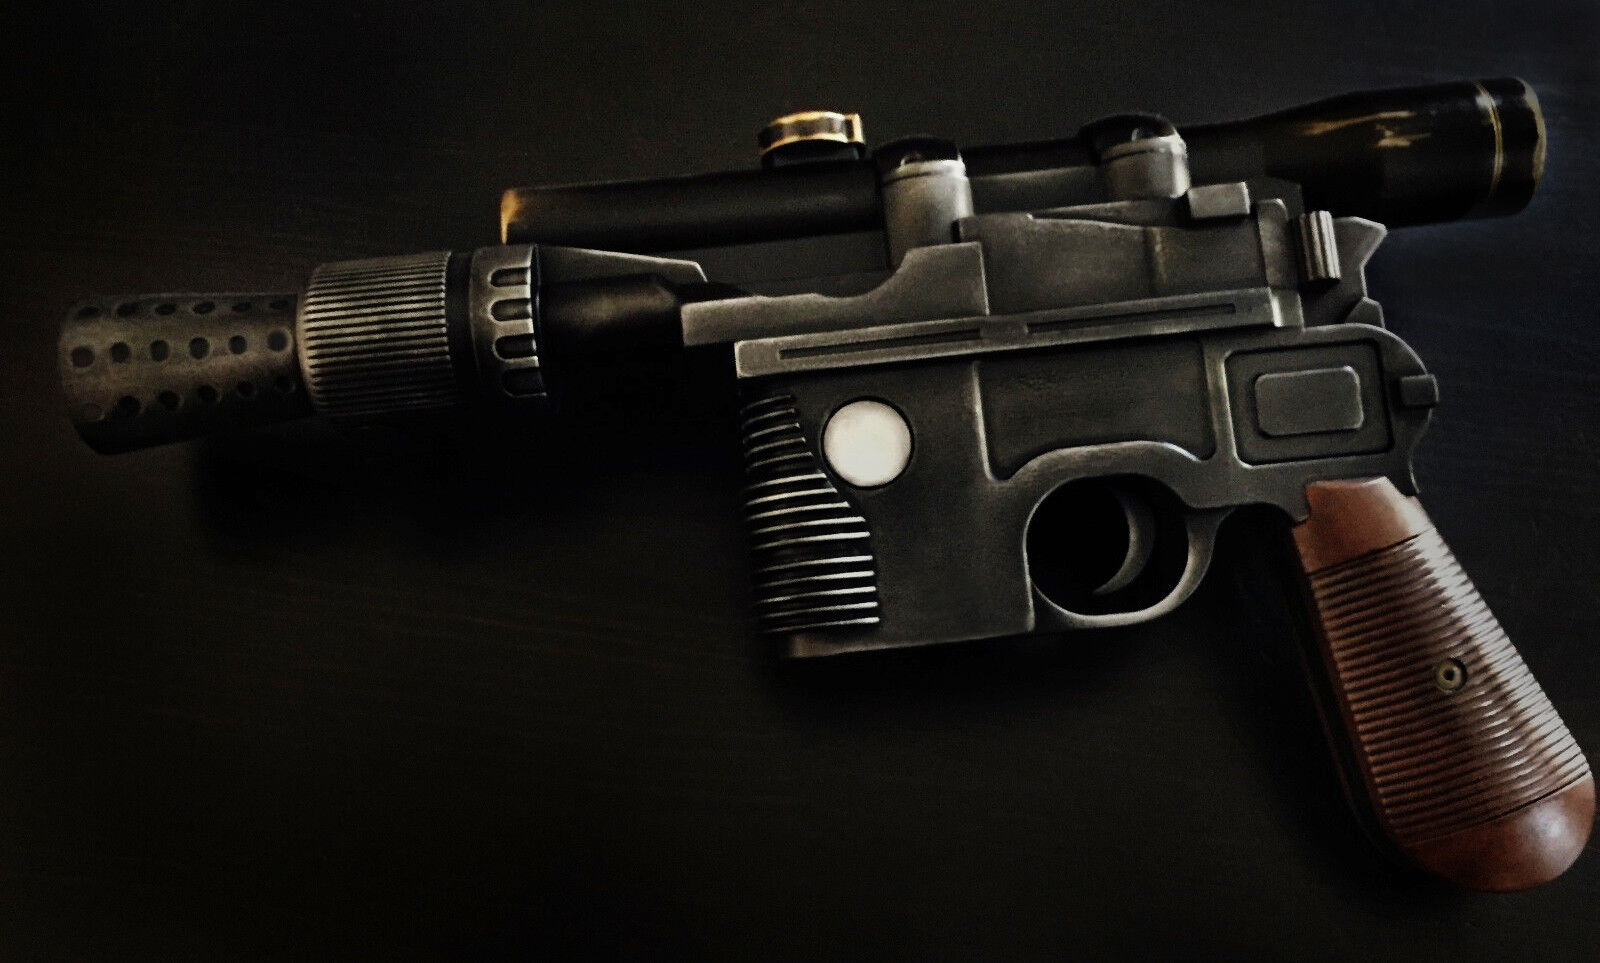 Купить Star Wars DL-44 Heavy Blaster Pistol -- Han Solo Blaster -- Cosplay -- Display